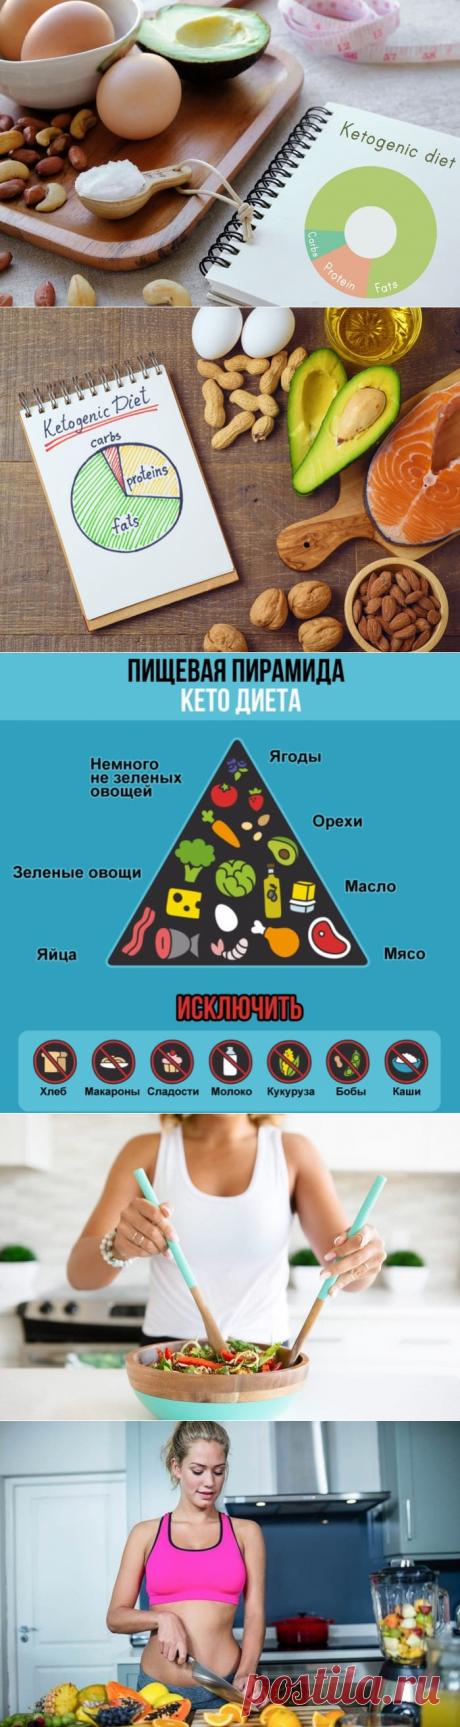 Кетогенная диета: полное руководство, суть, меню на неделю, для похудения, отзывы